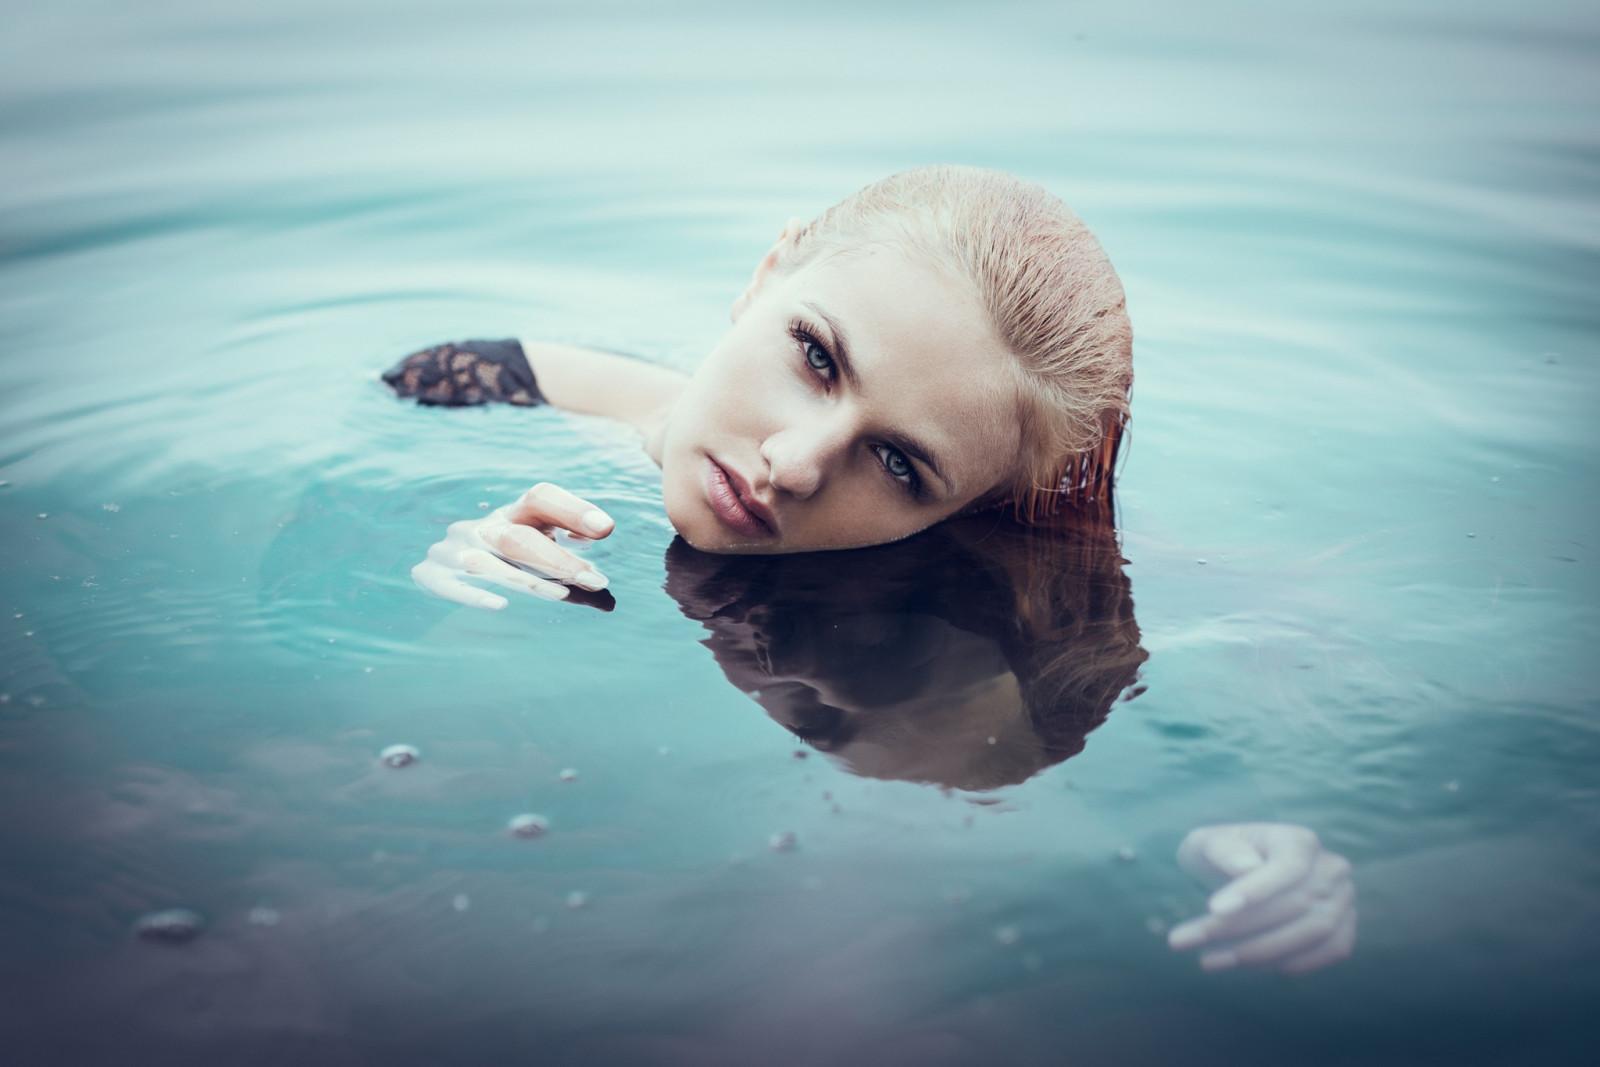 foto-blondinok-pod-vodoy-trah-bstra-seks